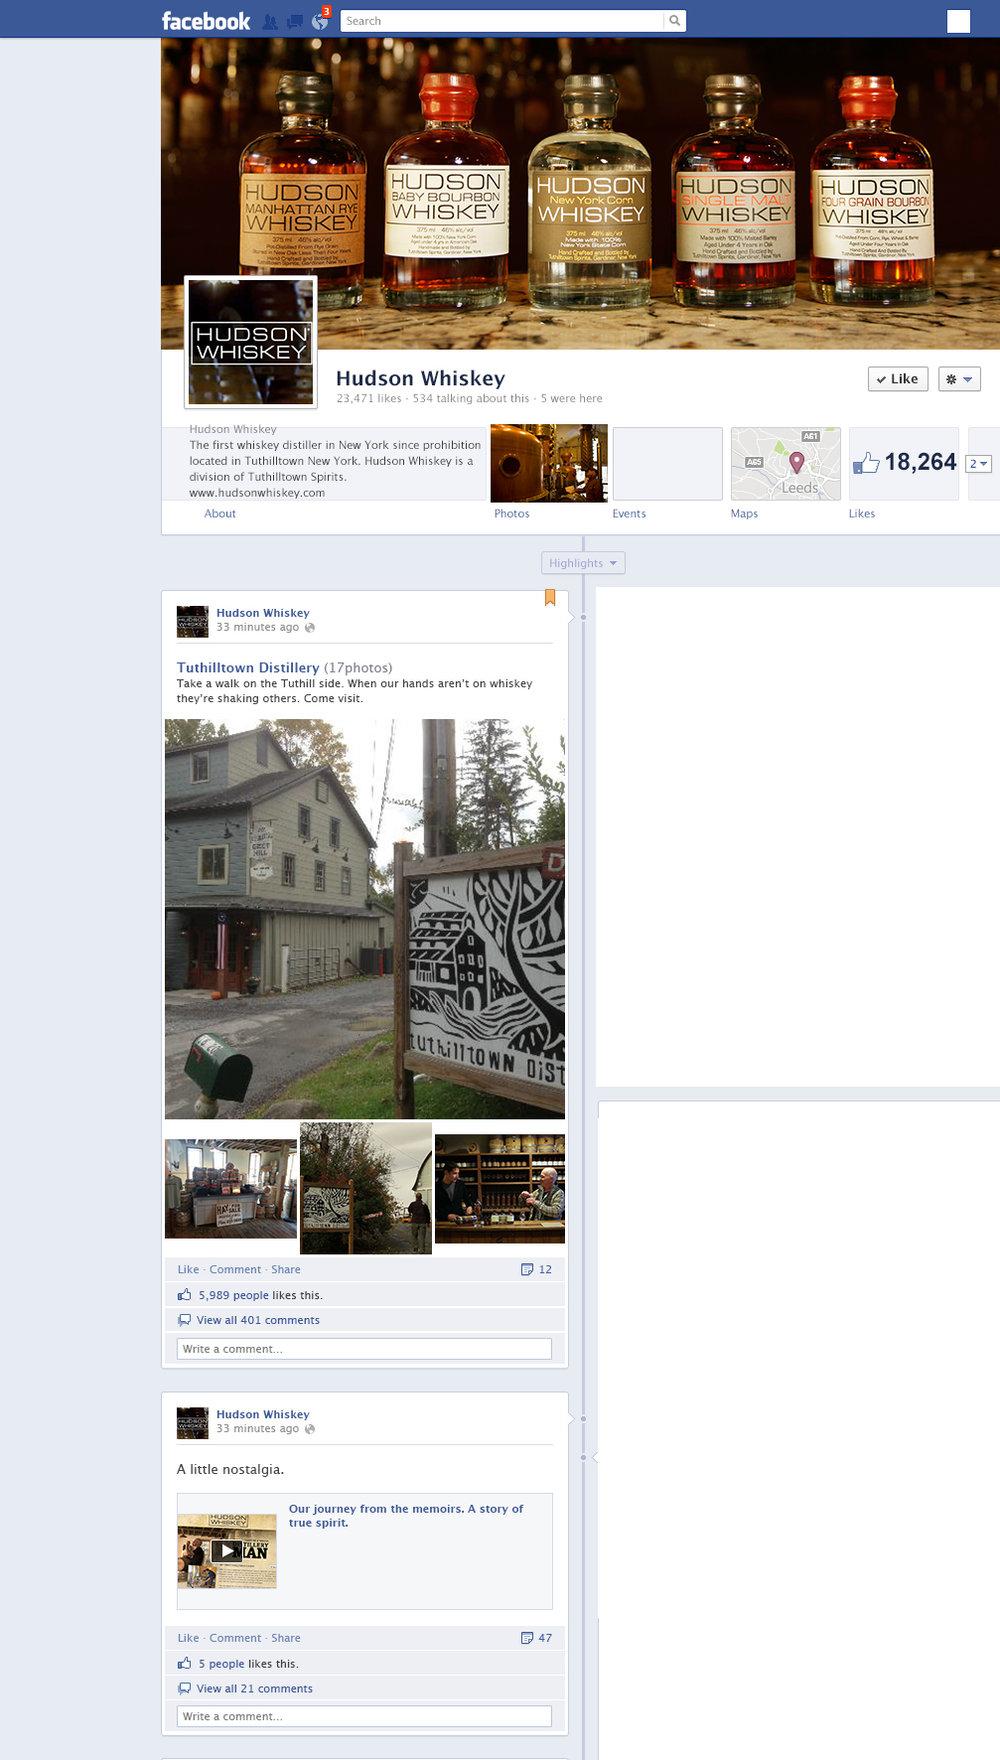 Social Media: Facebook 1